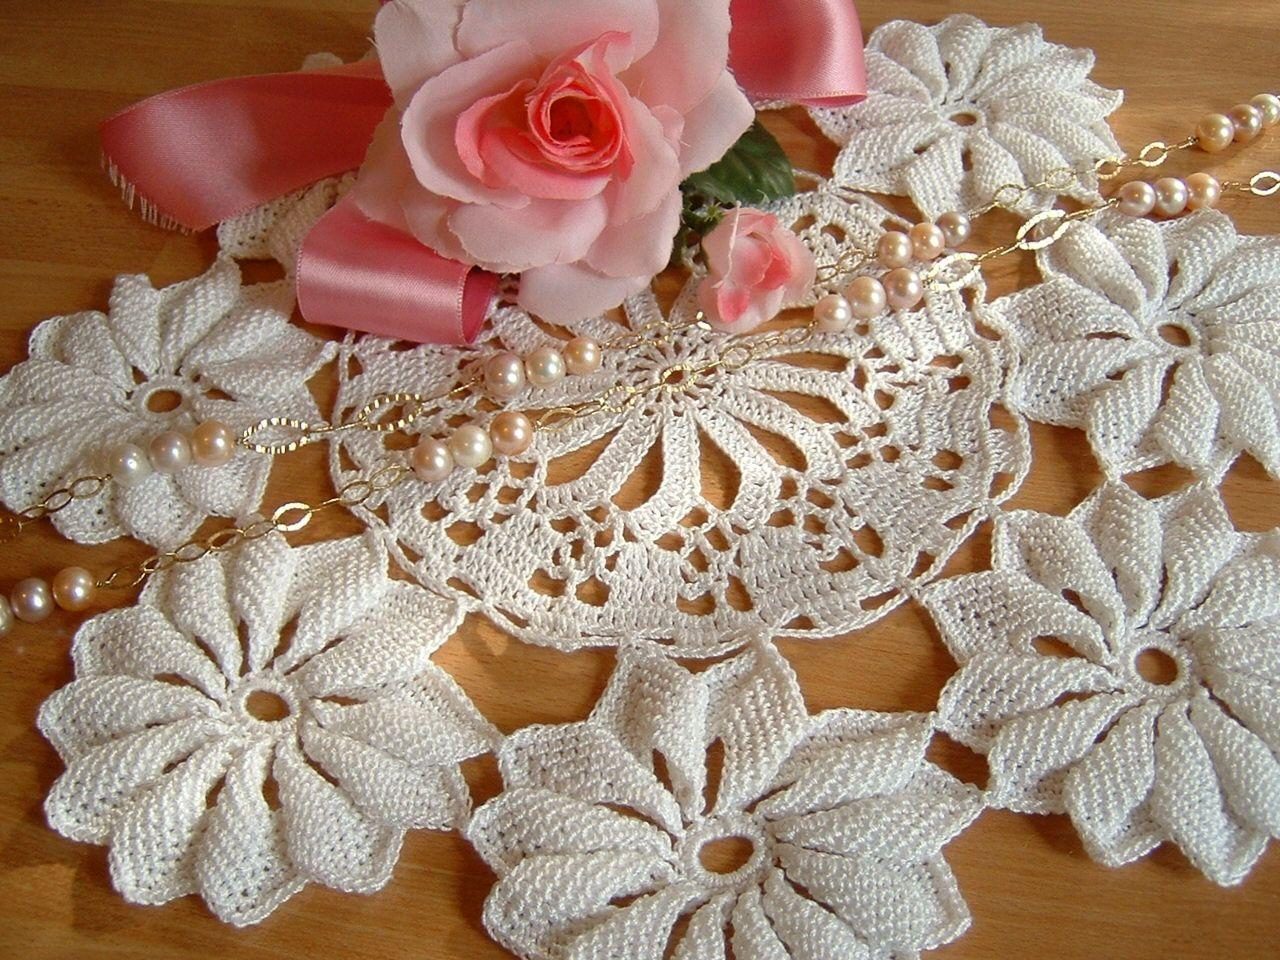 Uncinetto Shabby.Centro Eseguito A Mano All Uncinetto Con Le Margherite Centrotavola Romantico Centrino Shabby Chic Pizzo Di Hand Crochet Crochet Home Romantic Centerpieces